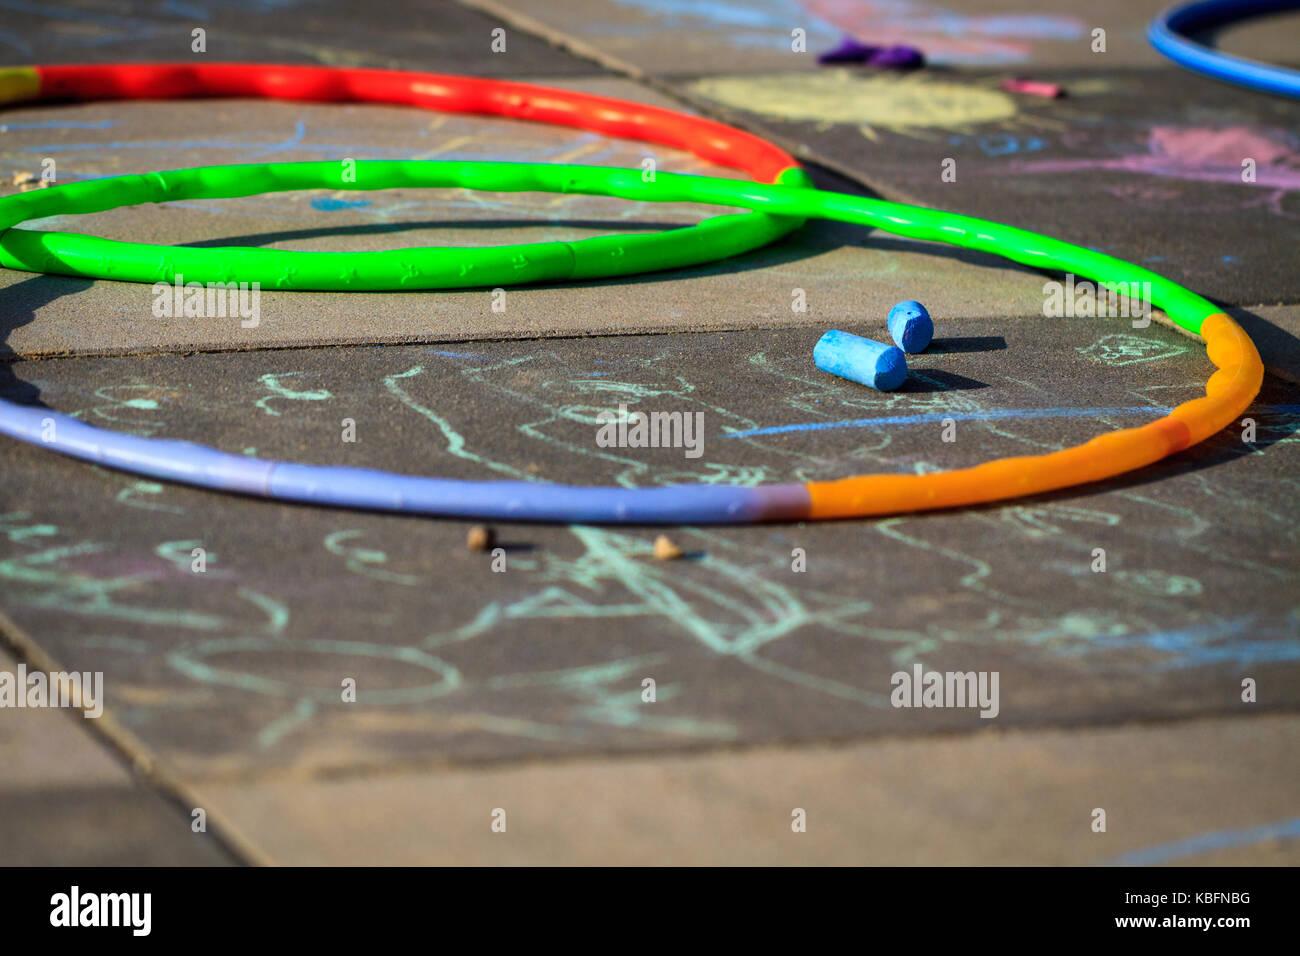 Gesso colorato e hula hoops giaceva sul parco giochi. Immagini Stock